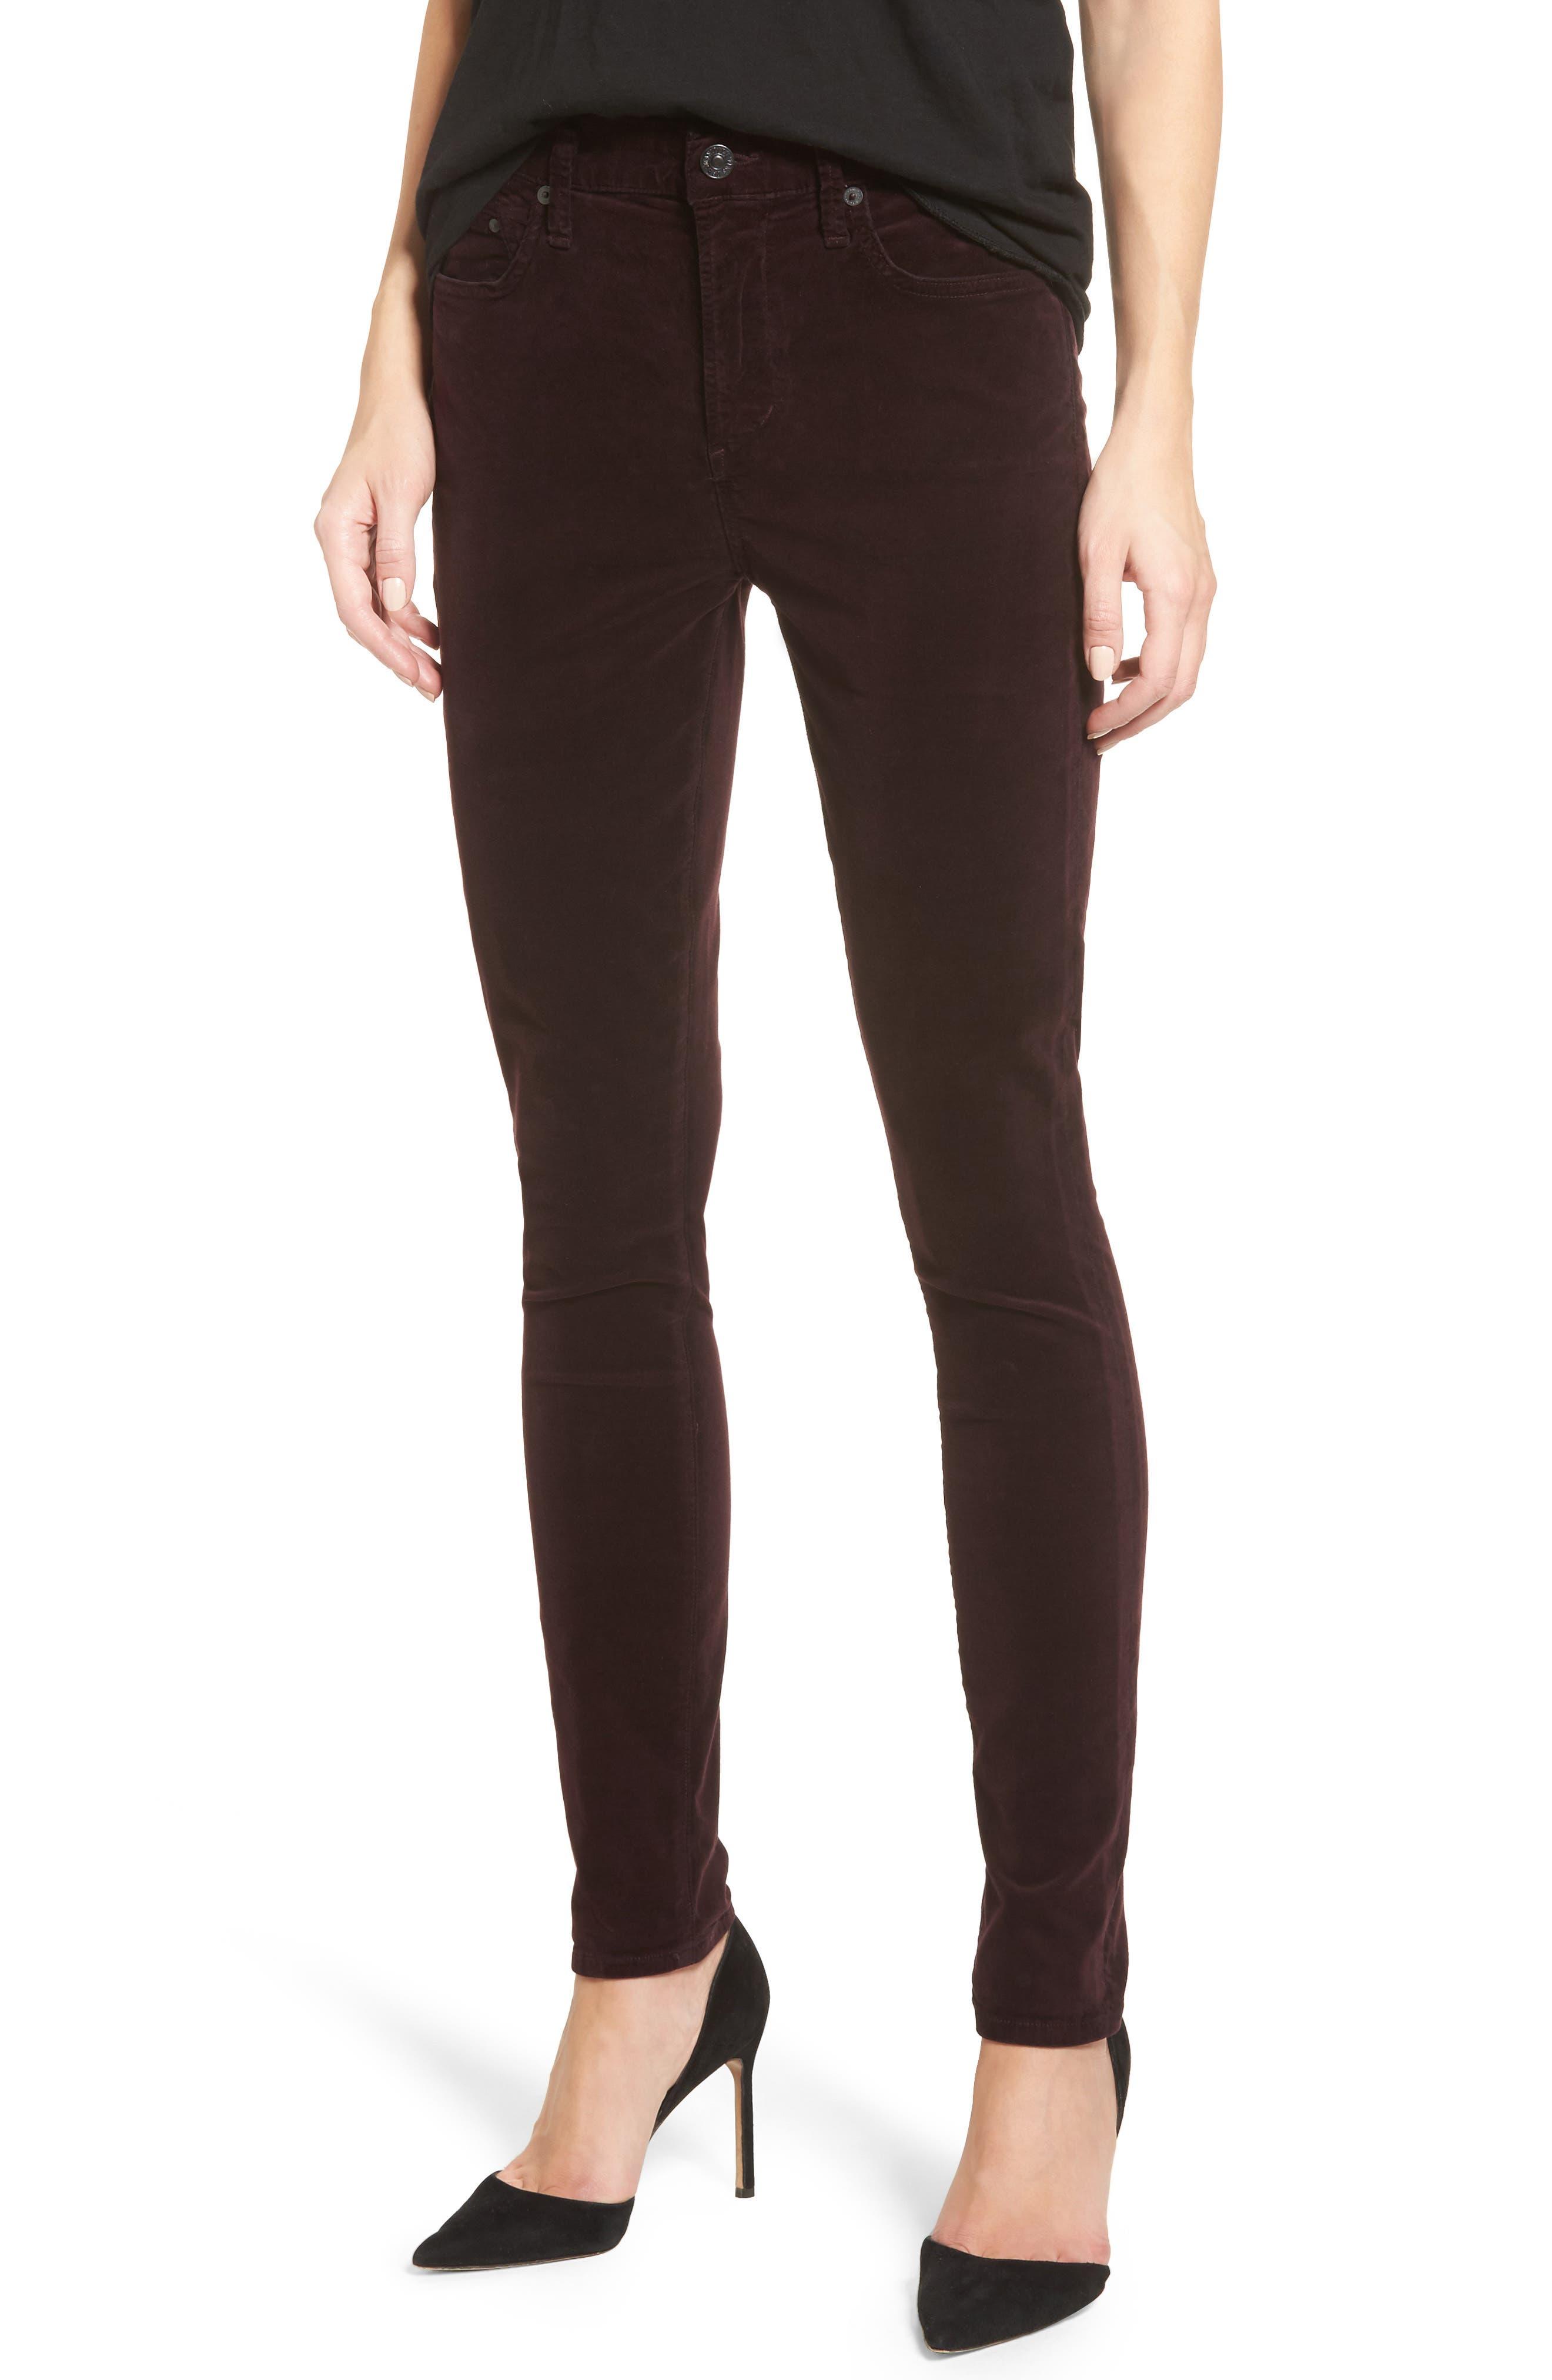 Rocket High Waist Velveteen Skinny Pants,                         Main,                         color, Black Currant Velvet